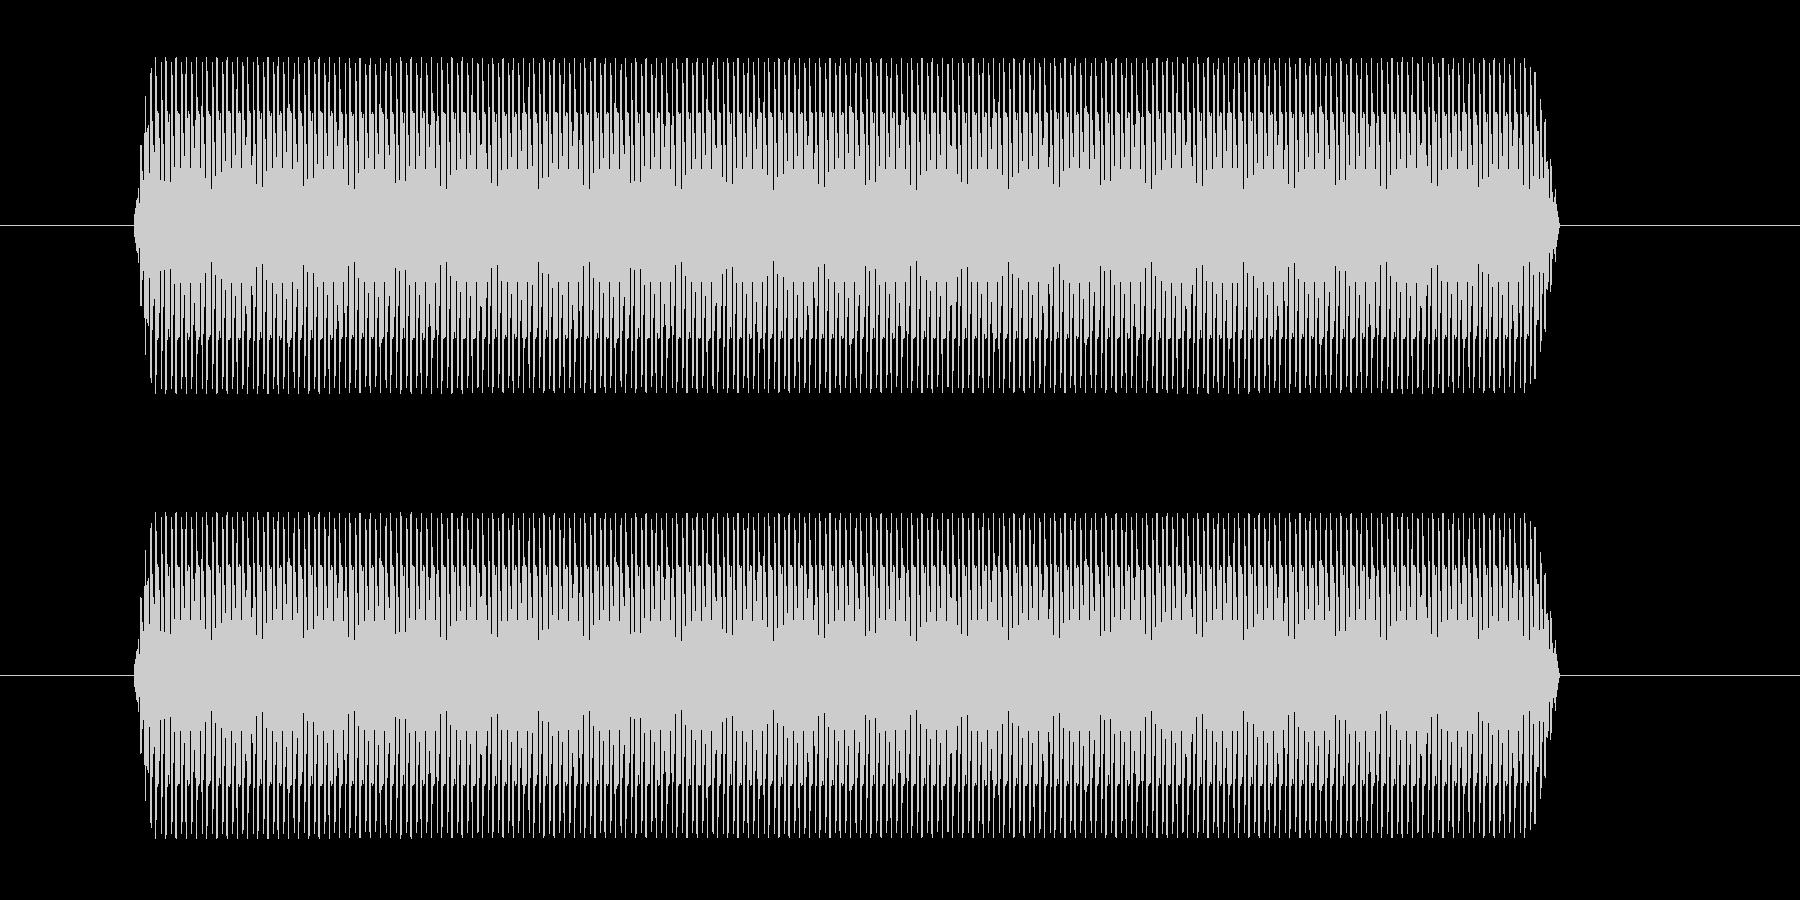 間違った回答ブザーの未再生の波形